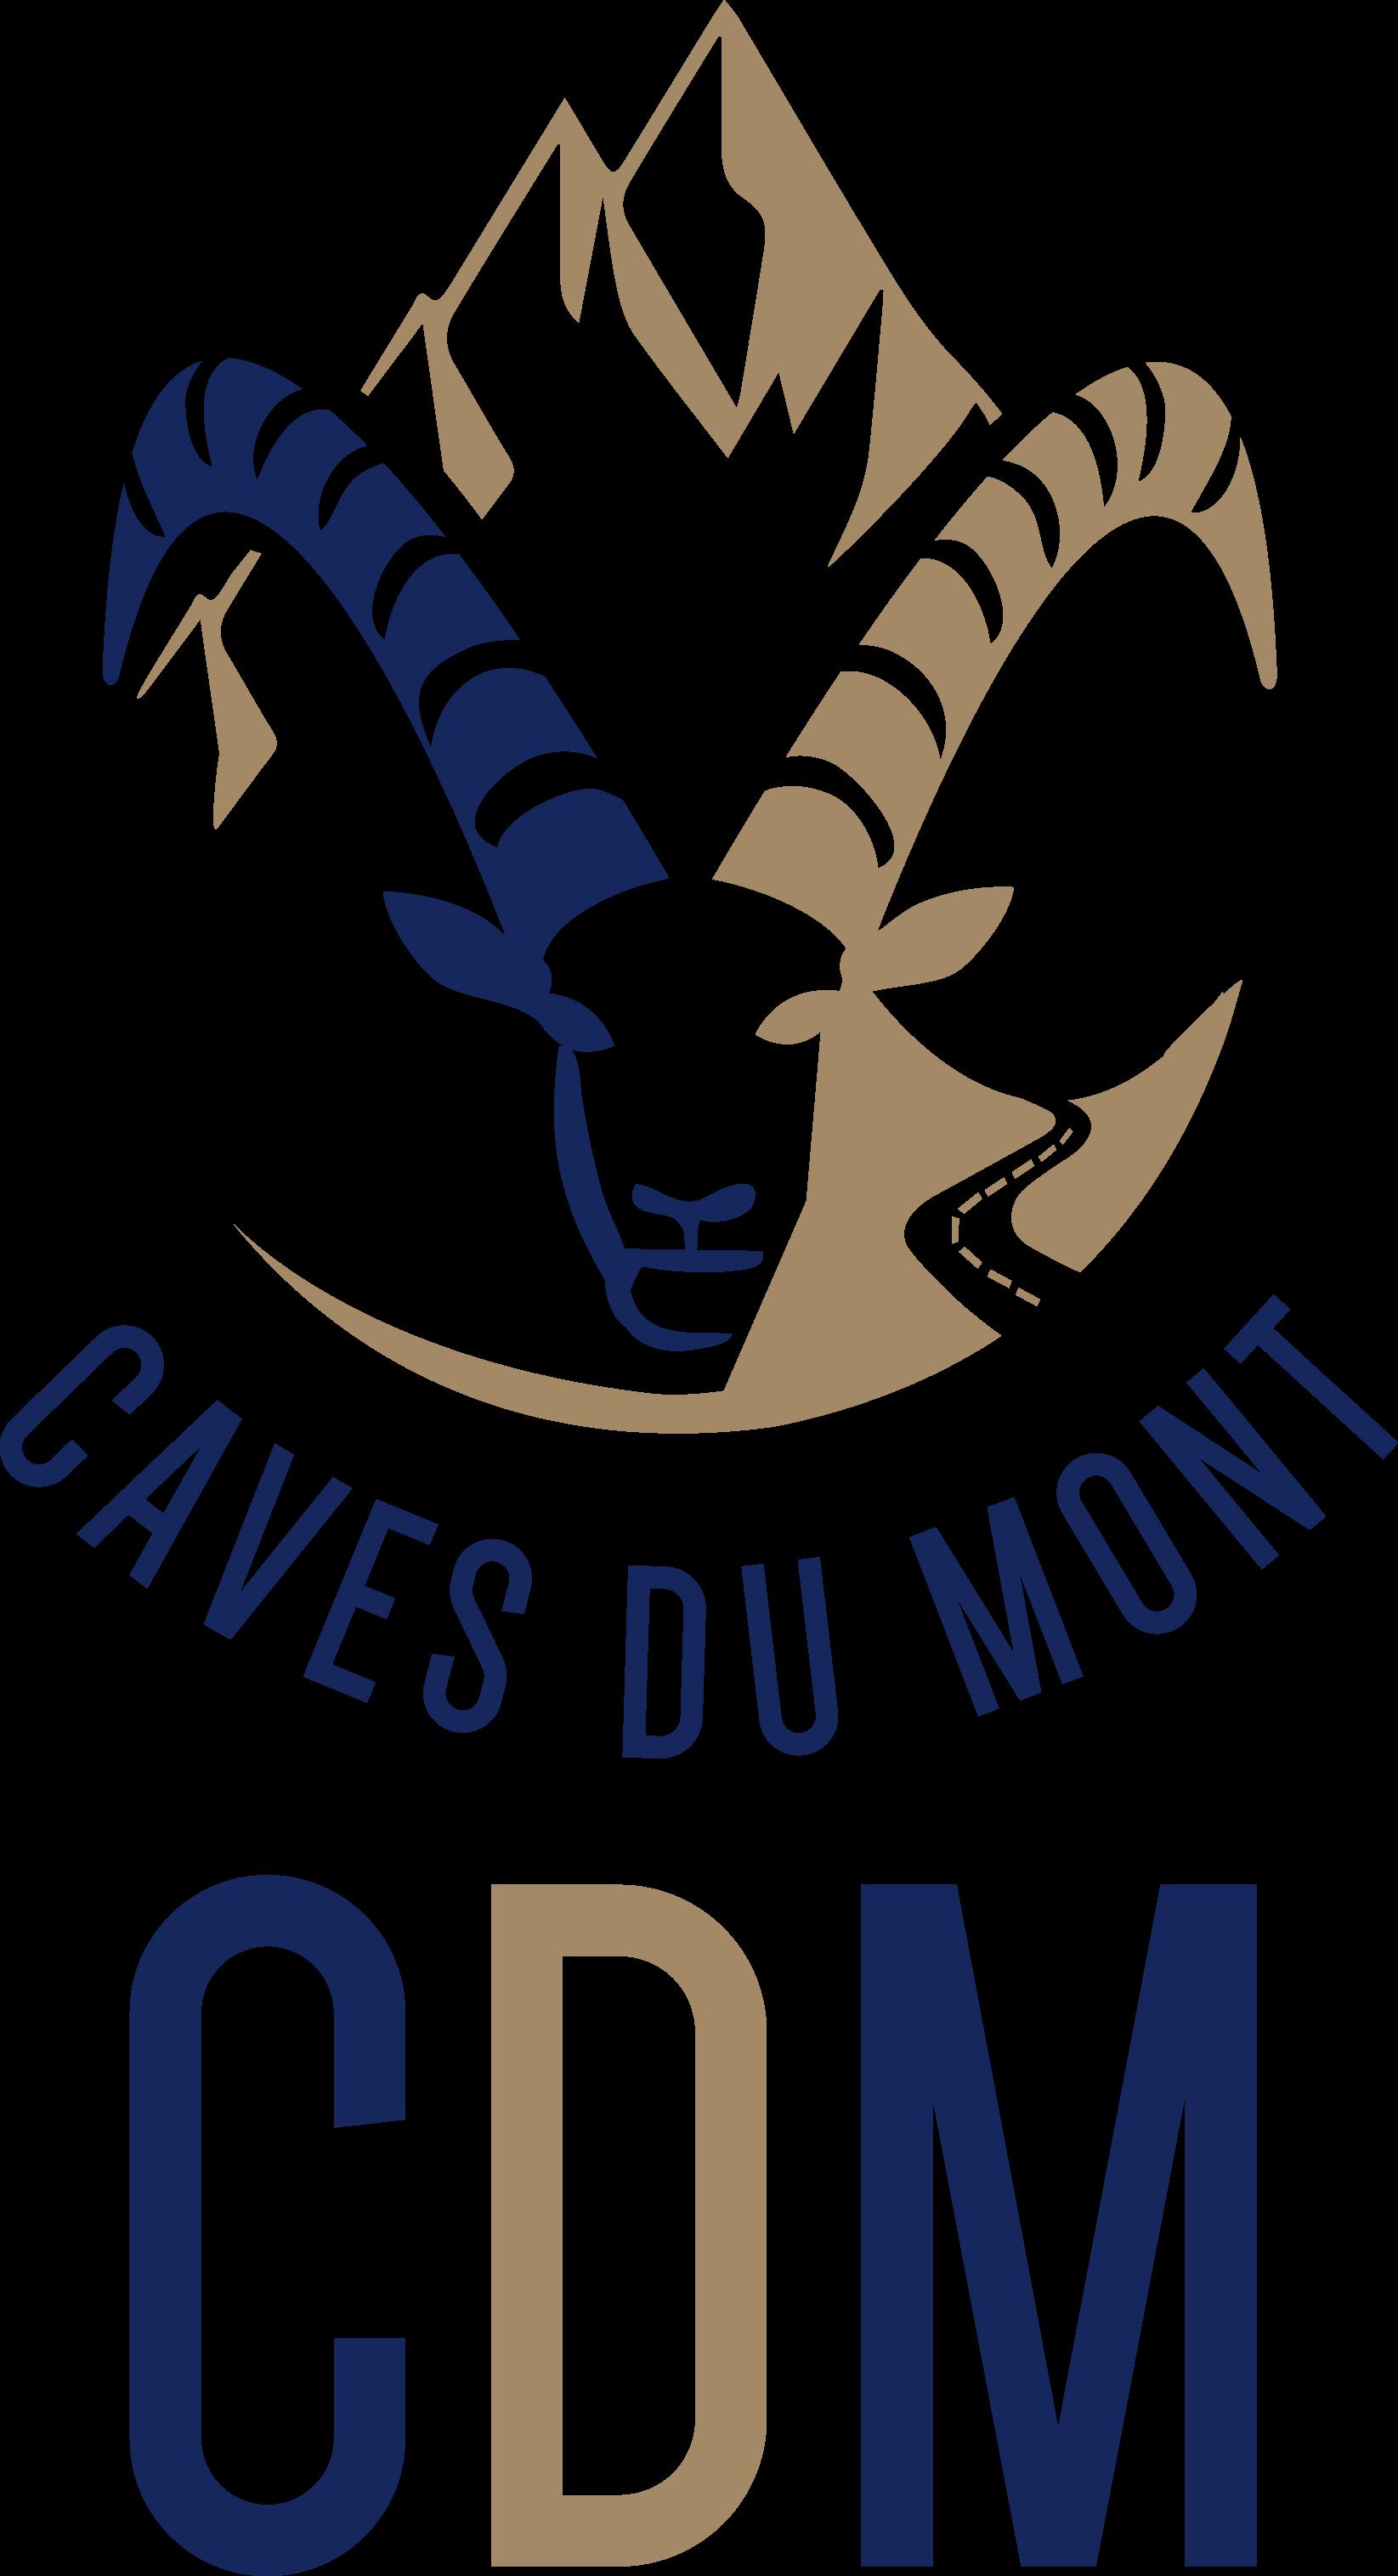 Les Caves du Mont